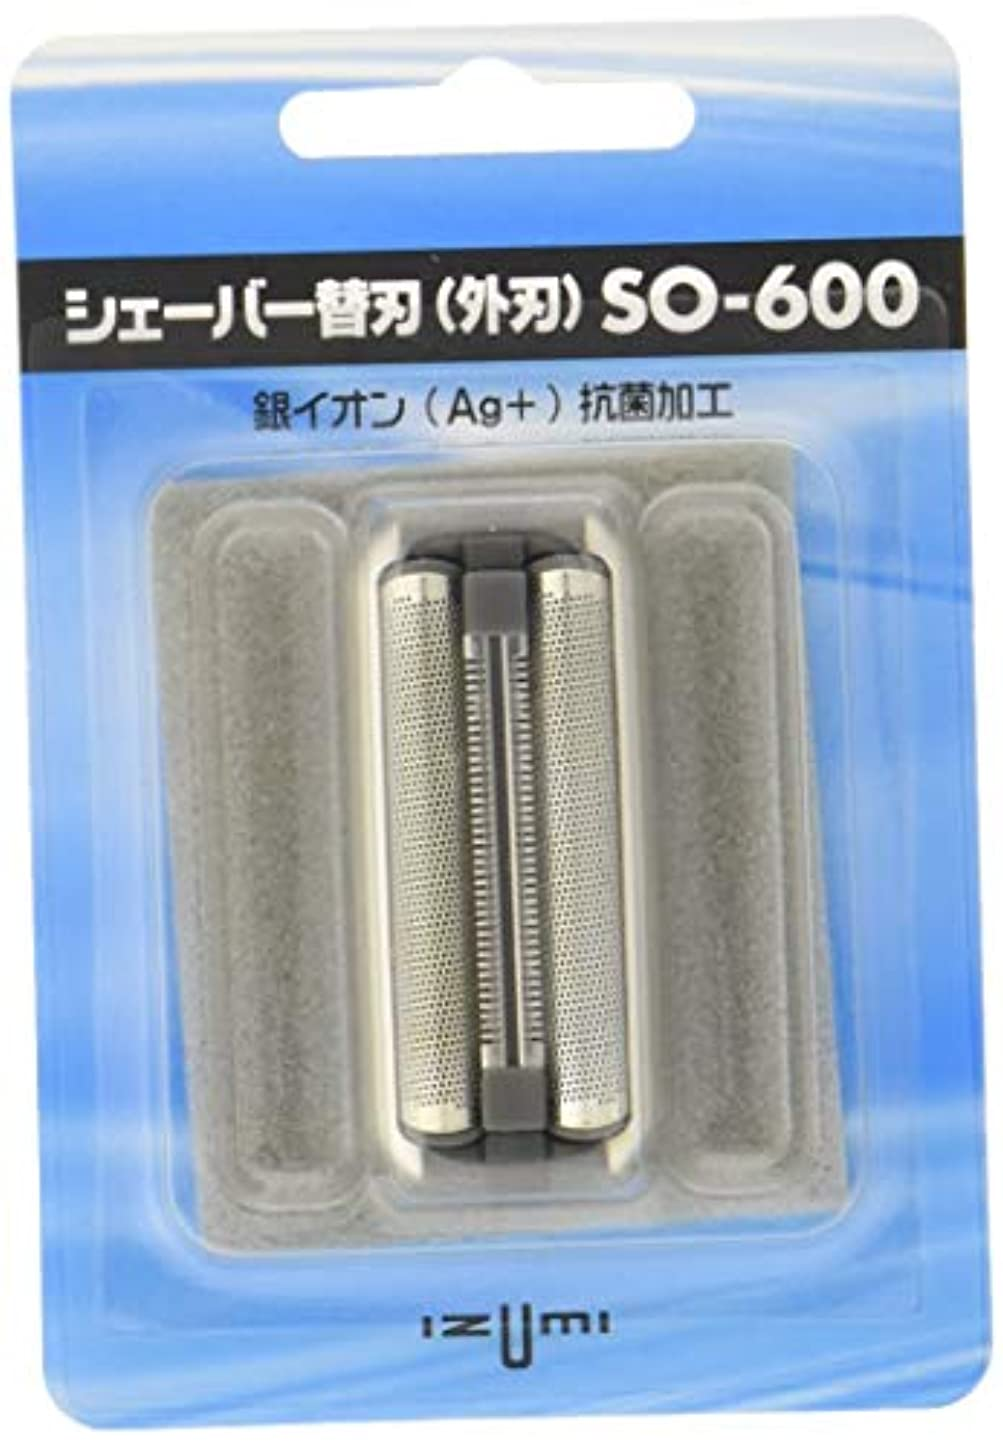 ジャンプあたり熱望するIZUMI 往復式シェーバー用外刃 SO-600